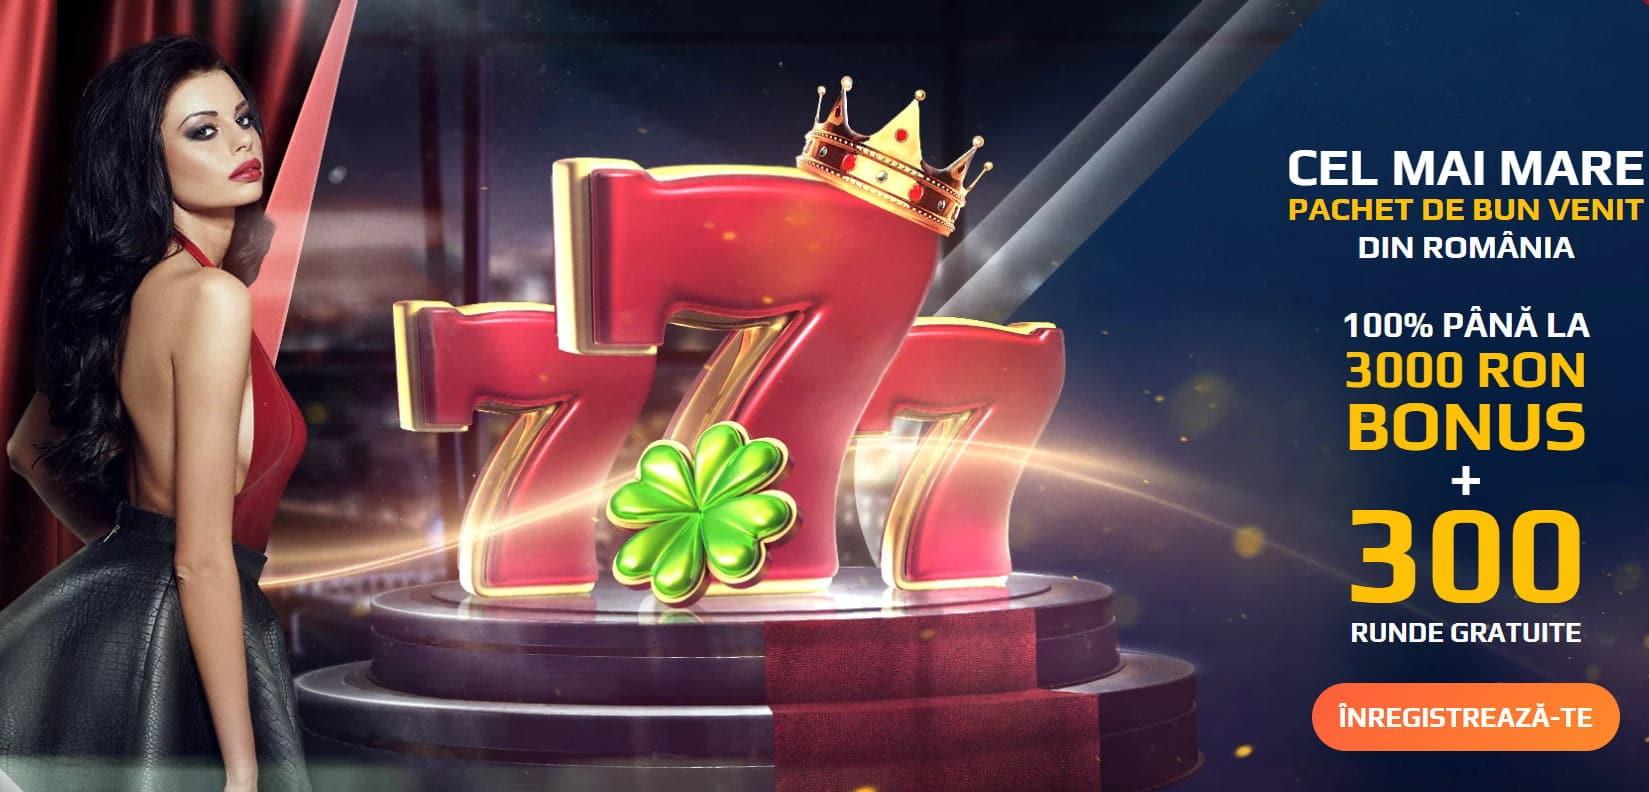 oferta bonus netbet casino romania